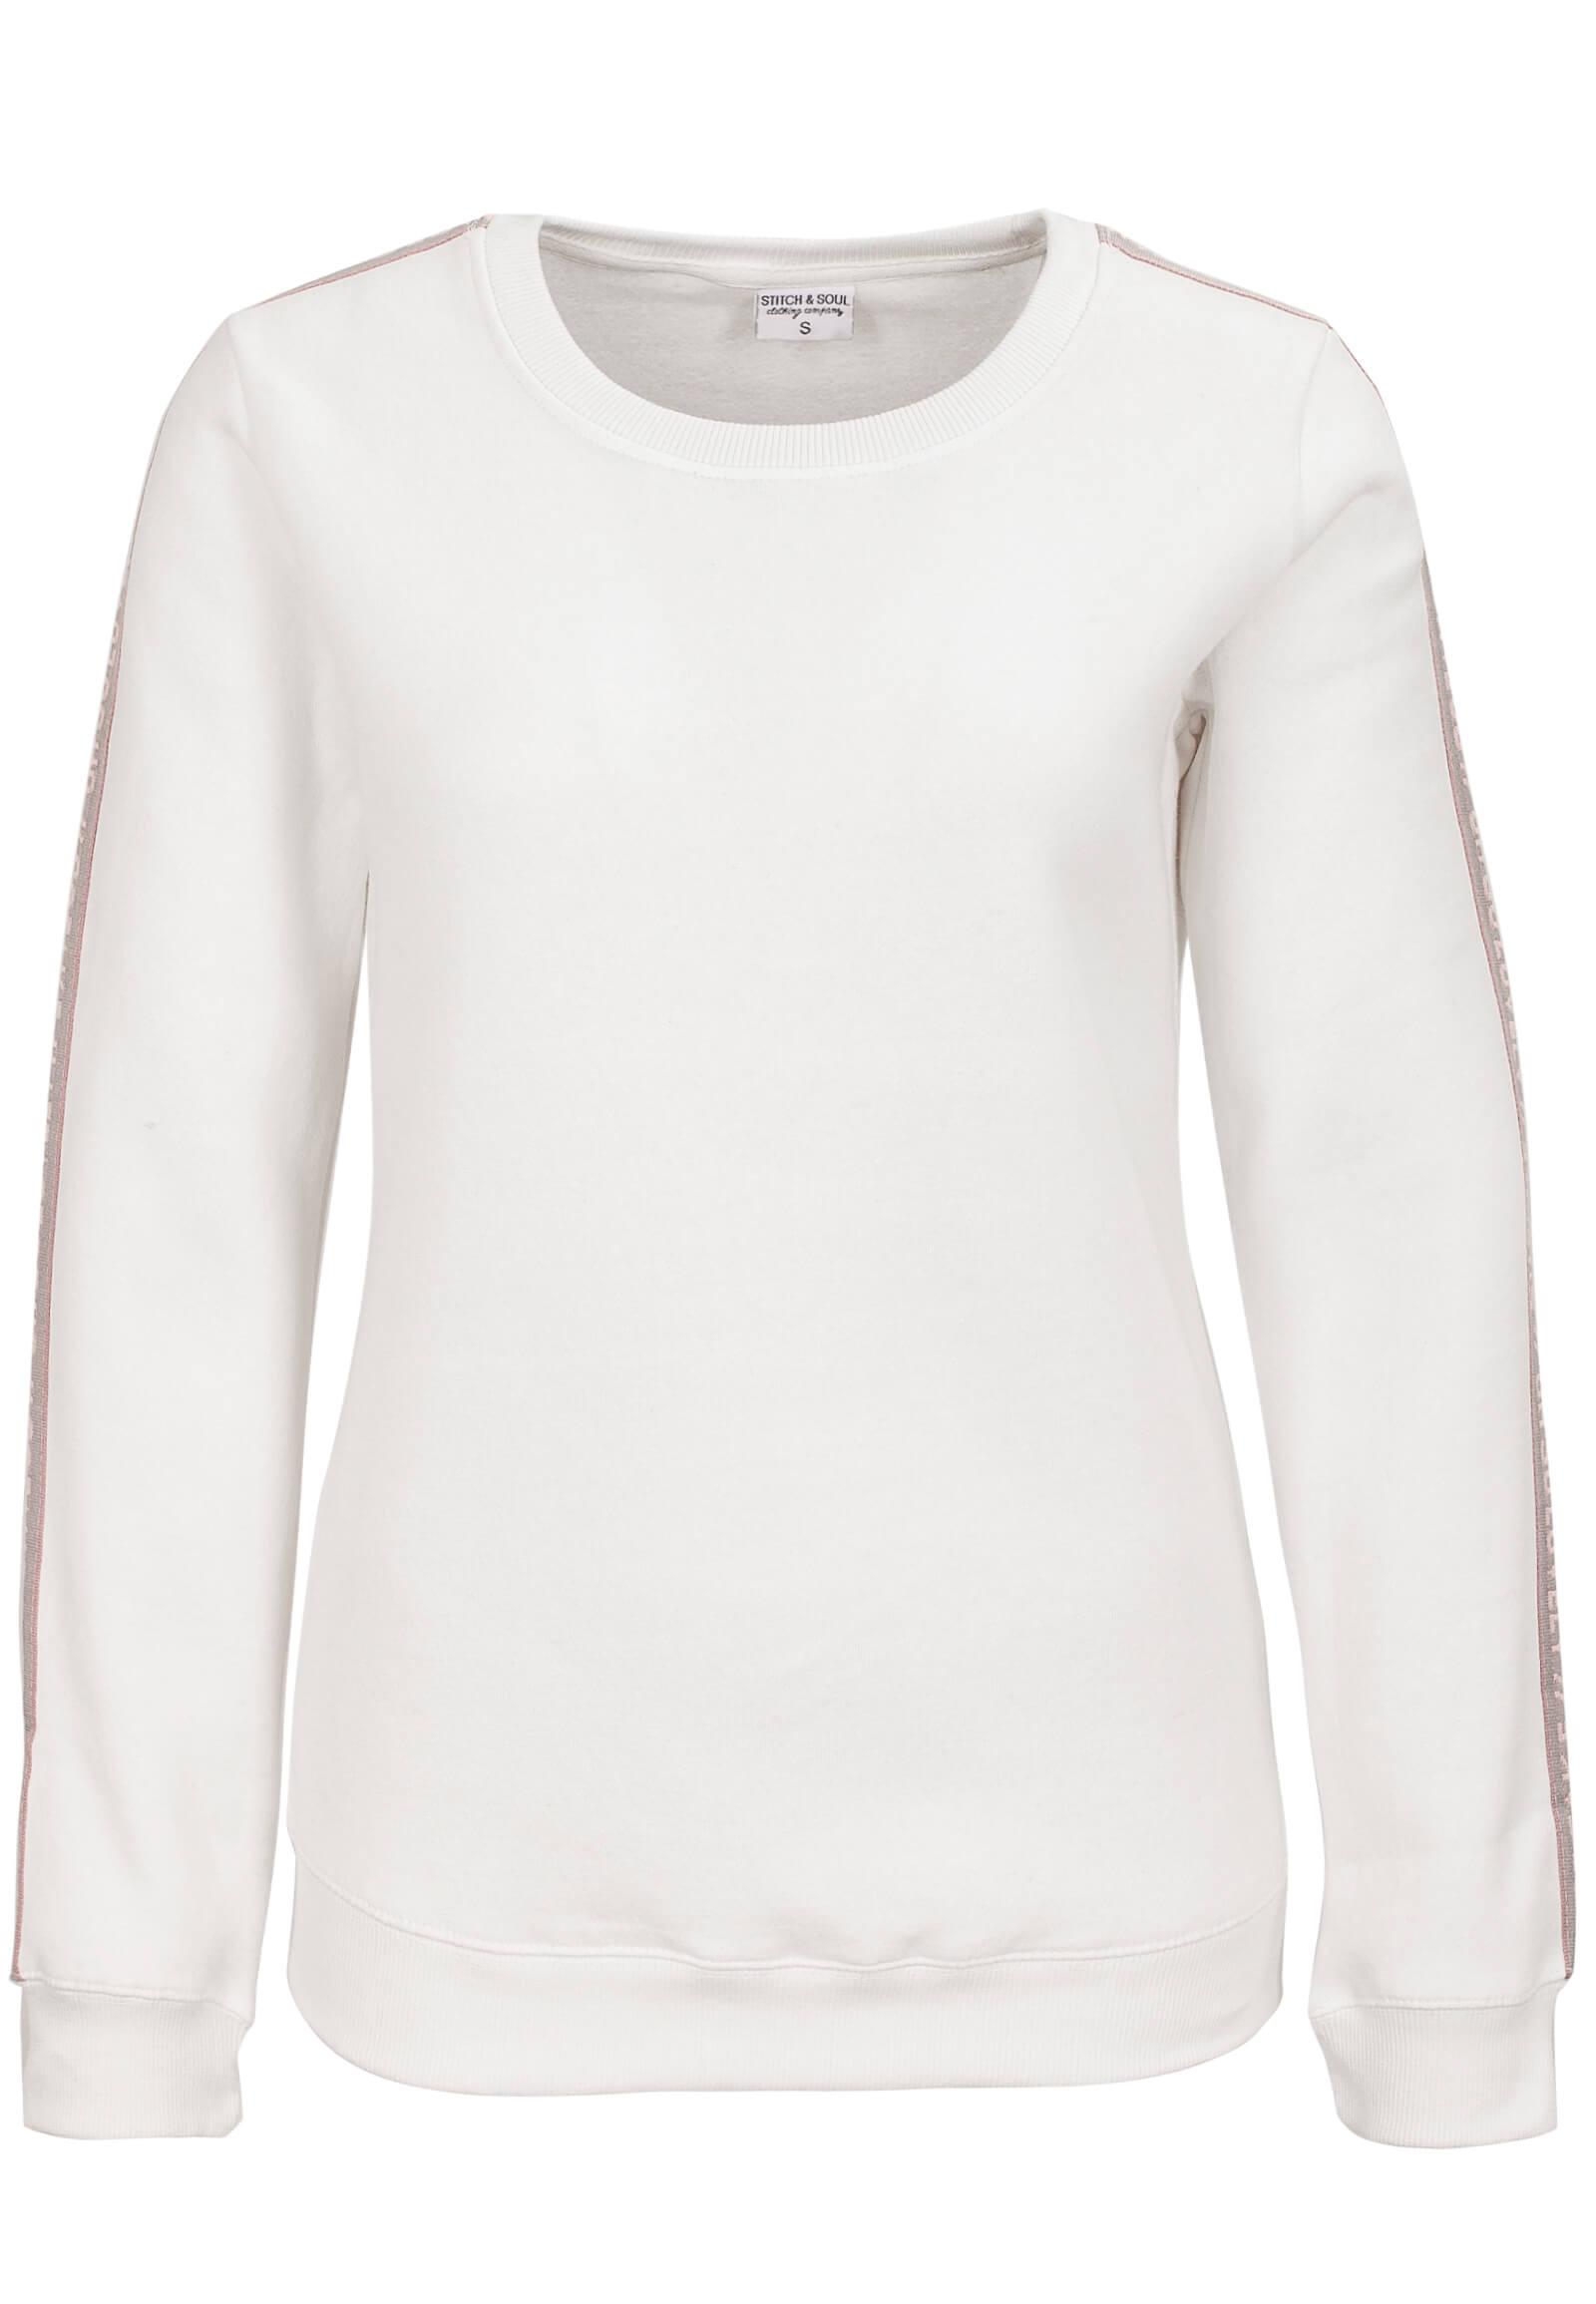 Weißer Pullover mit Deko-Band